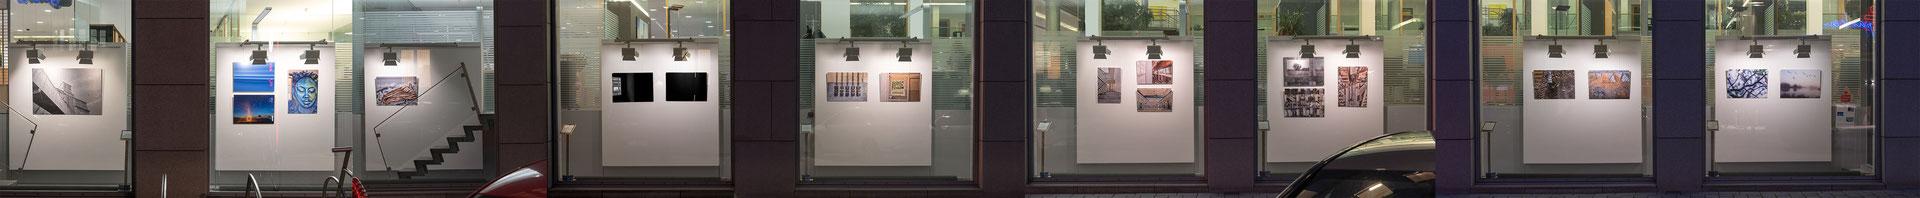 """Bildmontage der Aussenansicht der Ausstellung """"Licht.Bewegung.Wandel."""" von Holger Harms im Kunstgang/Sparkasse Wilhelmshaven"""